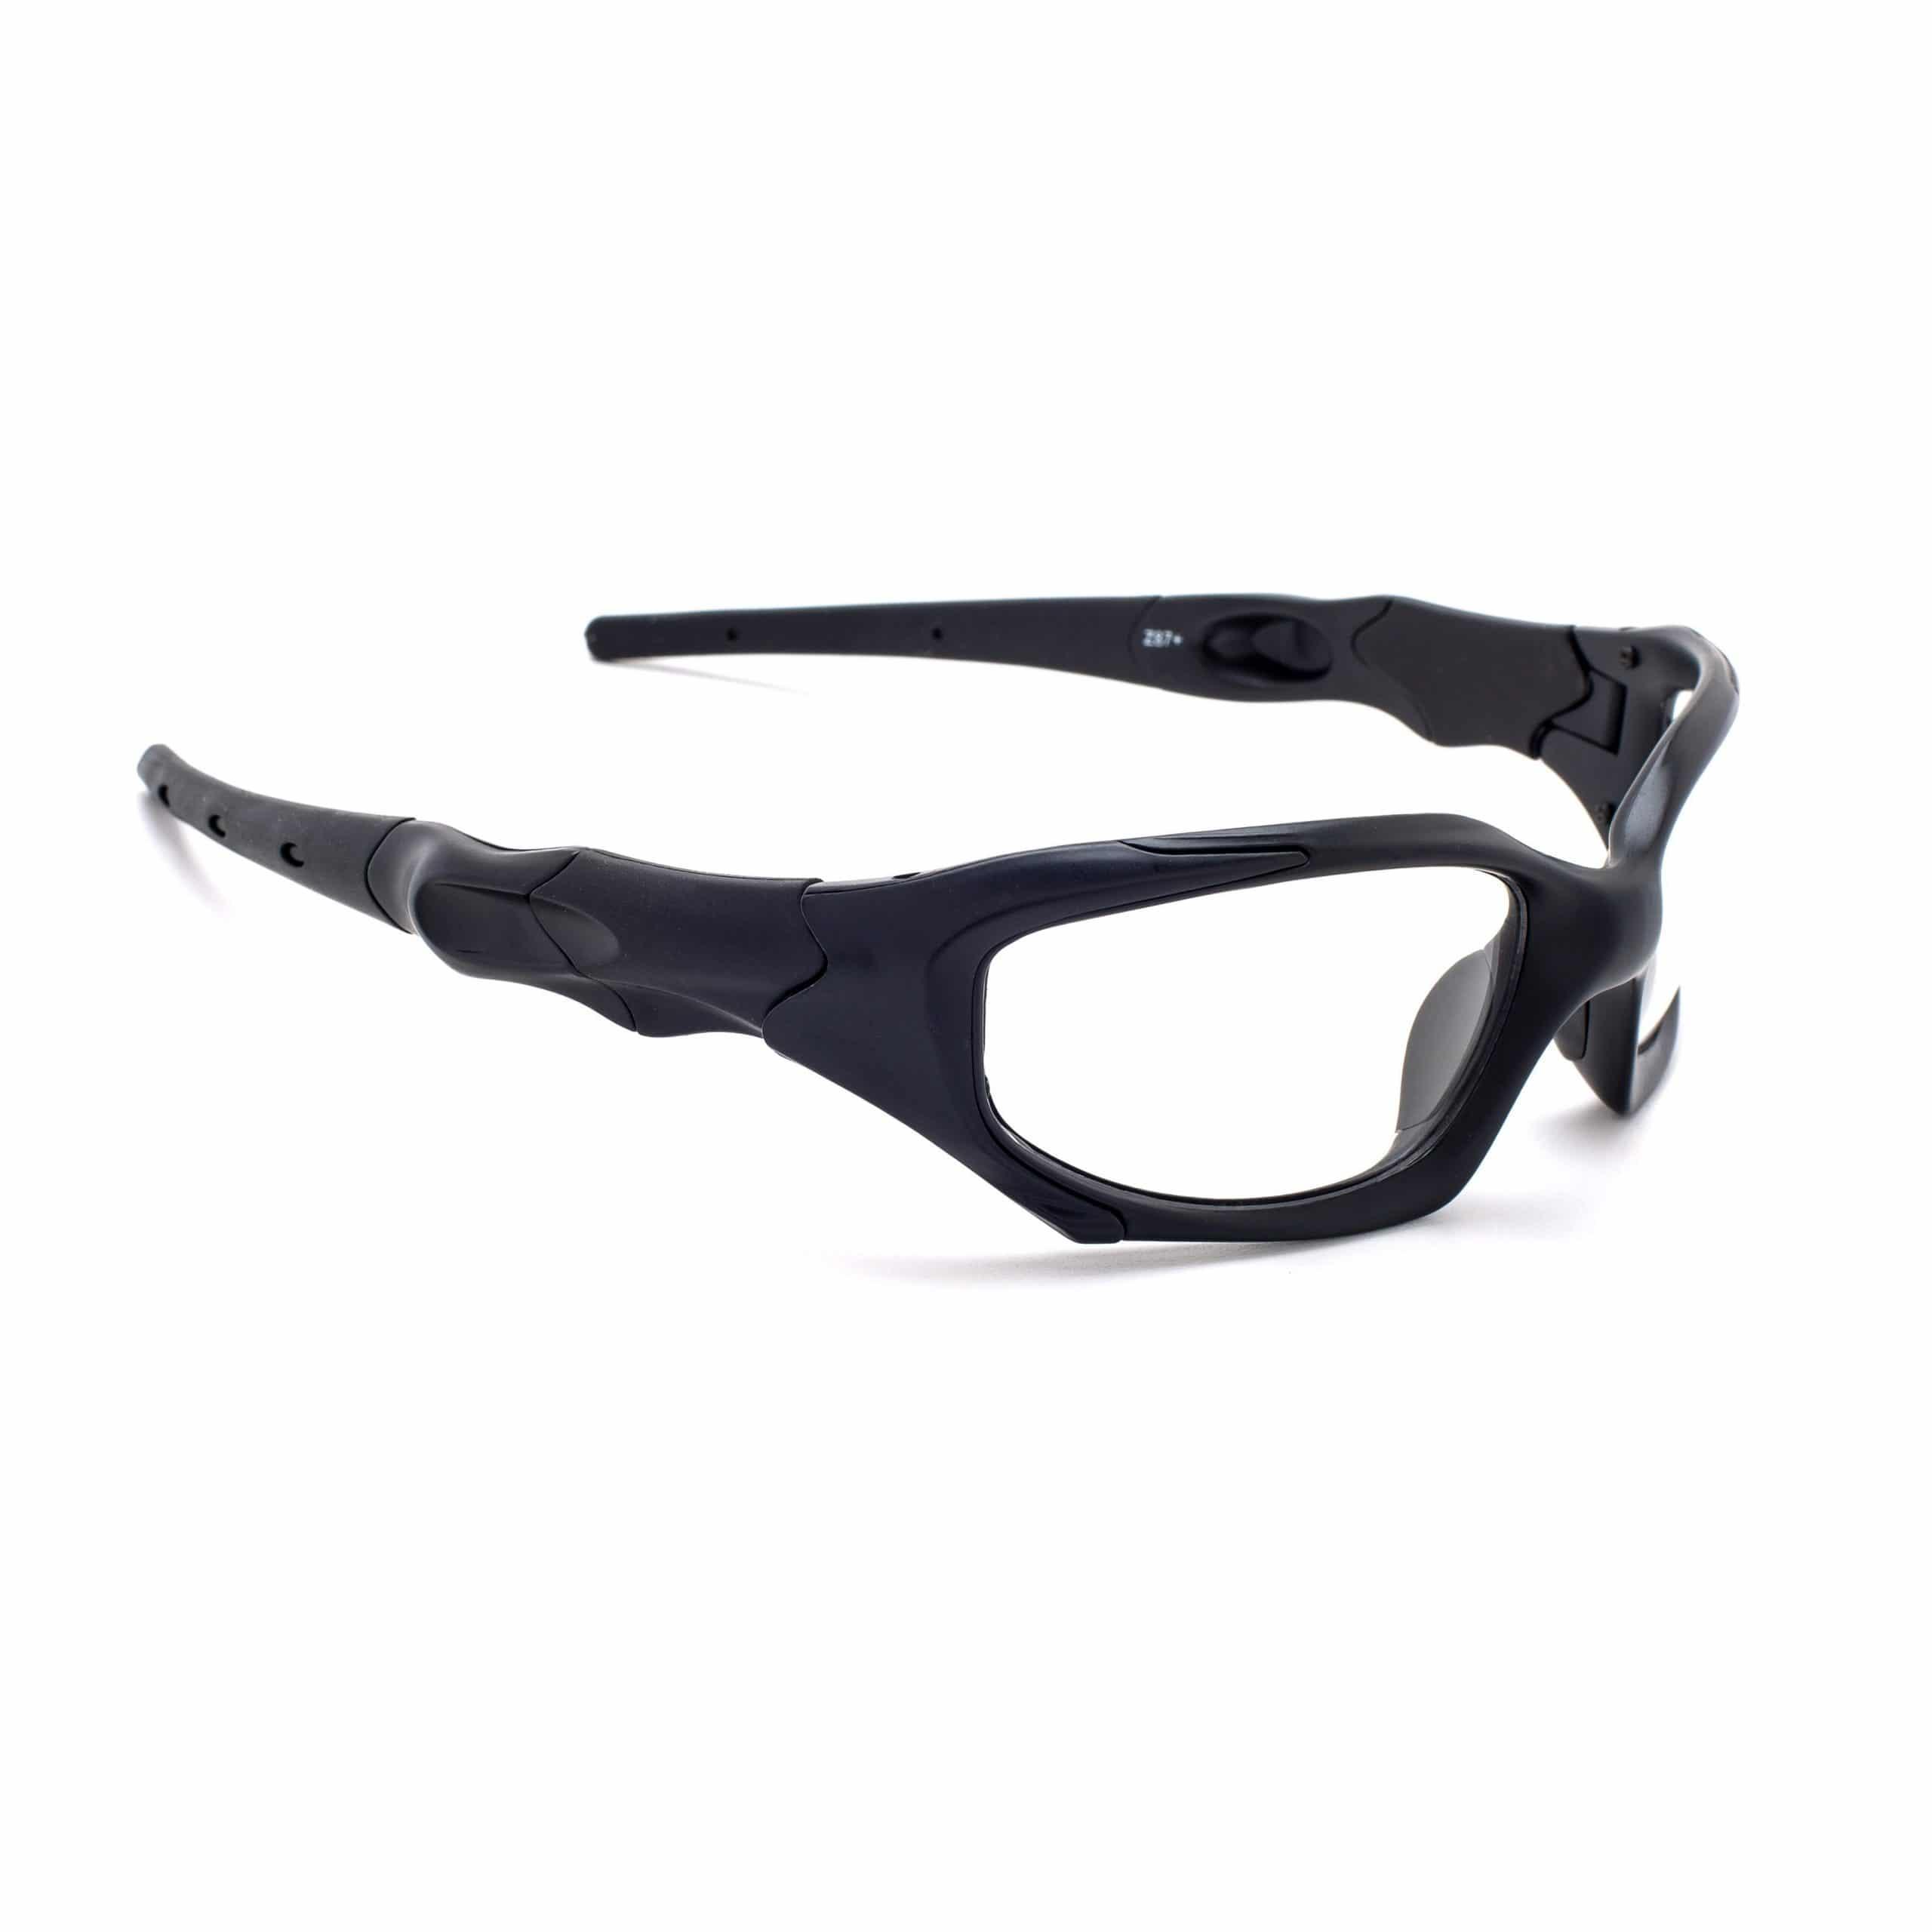 Wraparound Safety Glasses